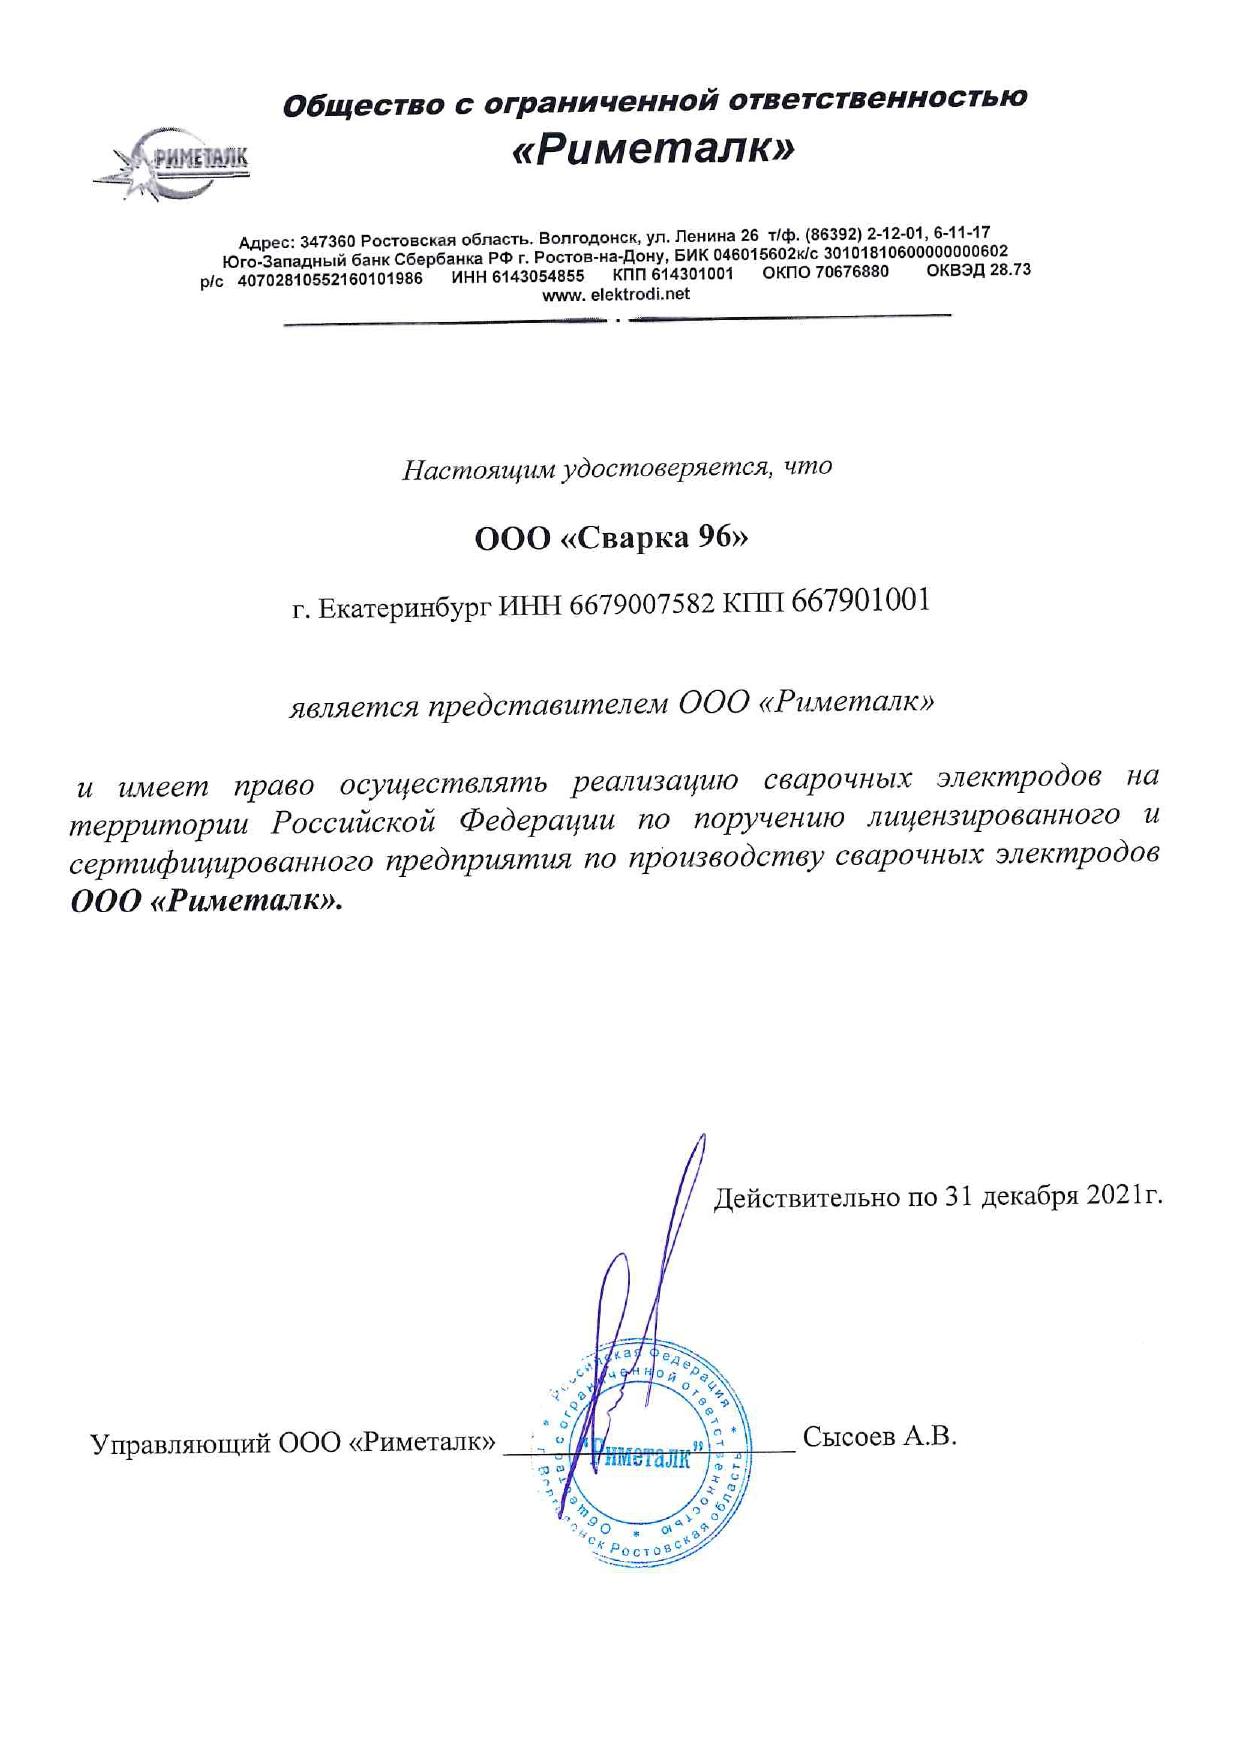 Риметалк- ООО Сварка 96 на2021г_page-0001